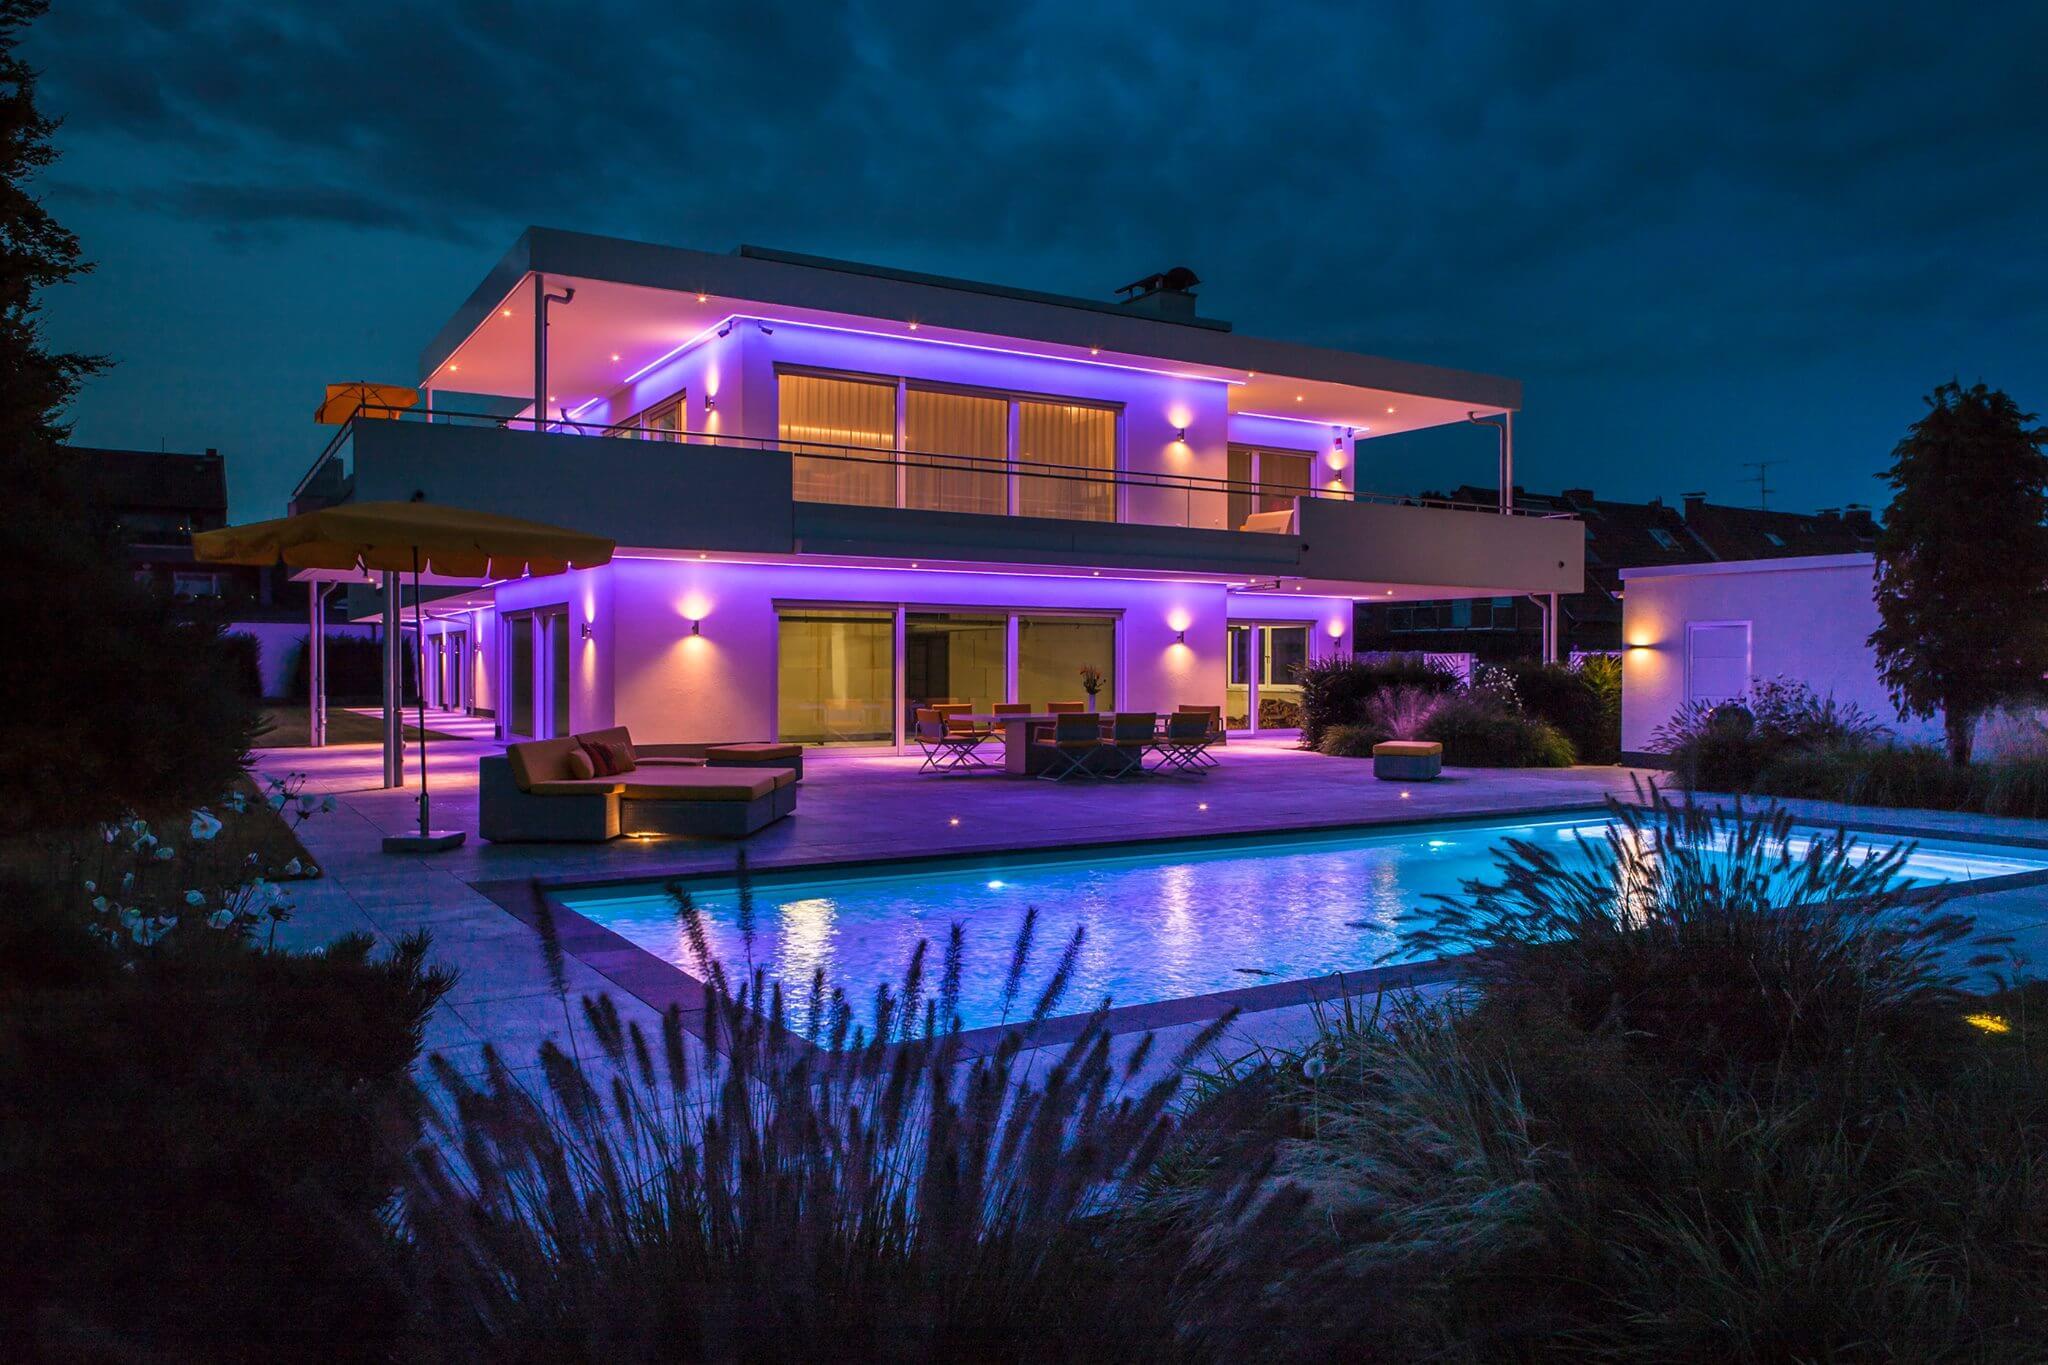 Lichtplanung für private wie gewerbliche Bauherren. Wenn es um Licht geht, ihr kompetenter Ansprechpartner für Architekten, Ingenieurbüros und Investoren.